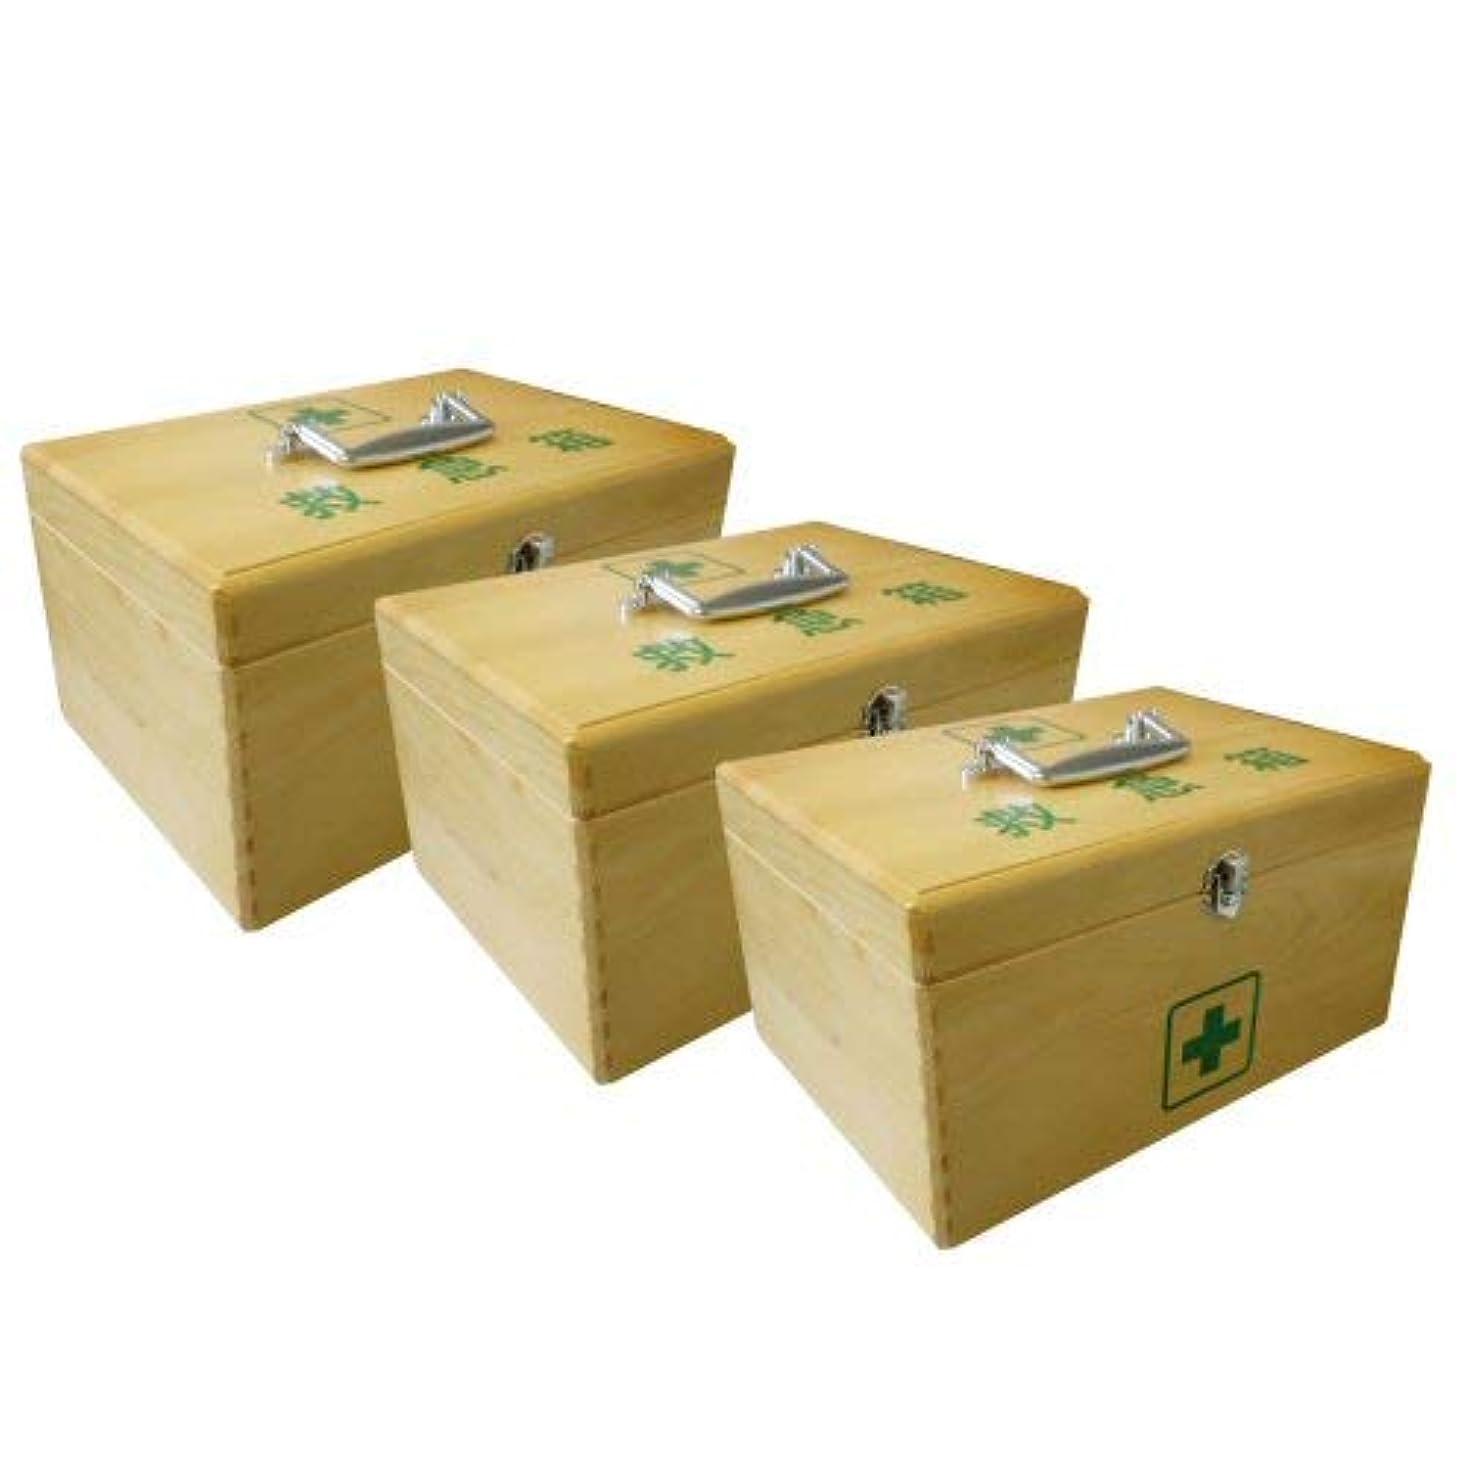 無謀練習オレンジLE木製救急箱S(衛生材料セット付)×3セット